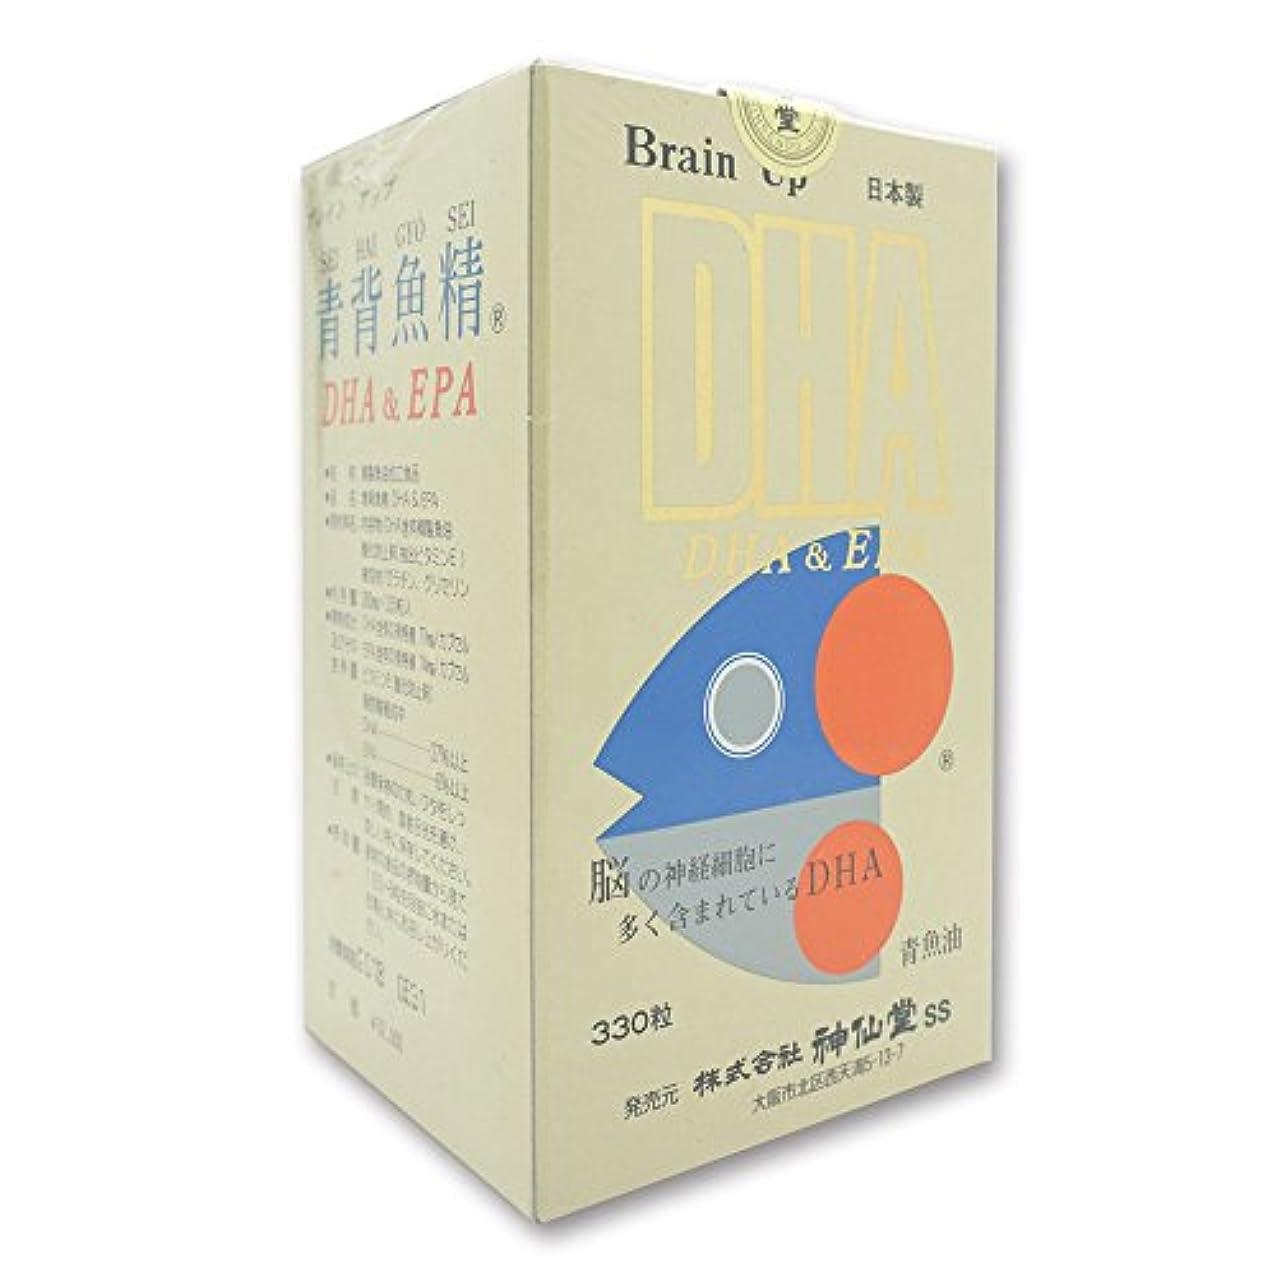 欠点アコー奇跡神仙堂 青背魚精 DHA&EPA 330粒 精製魚油加工食品